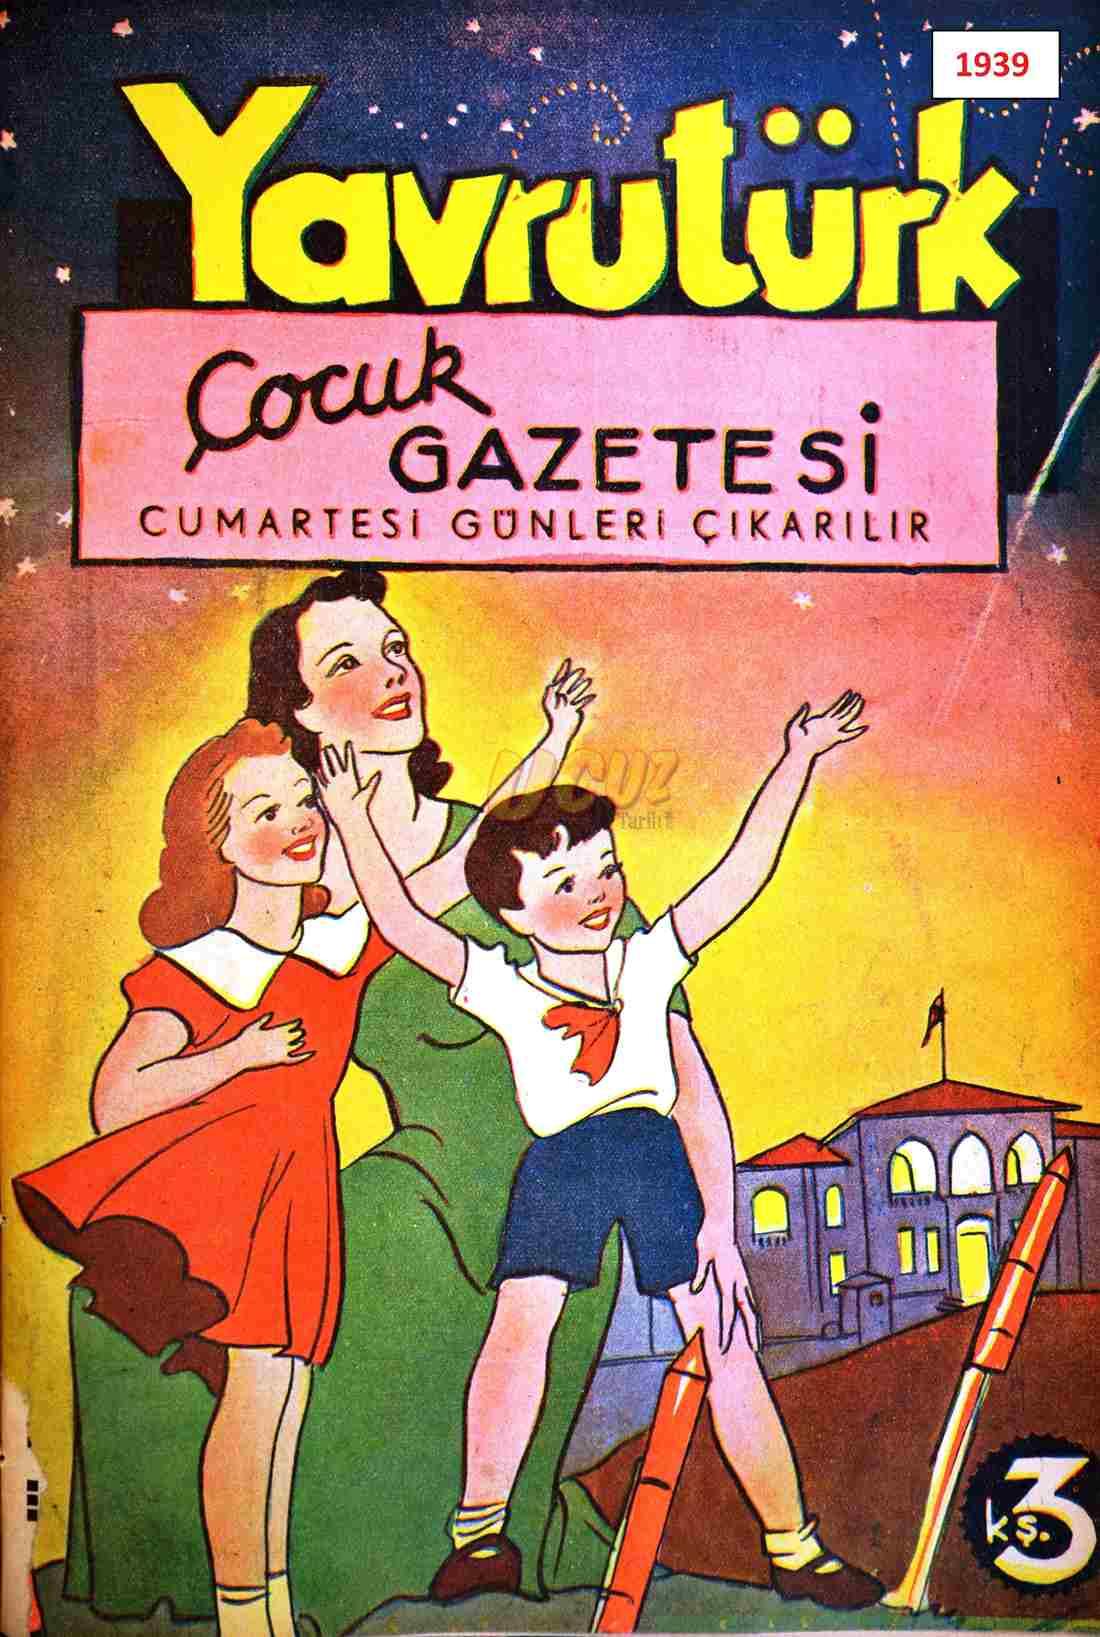 1939 yavrutürk 1